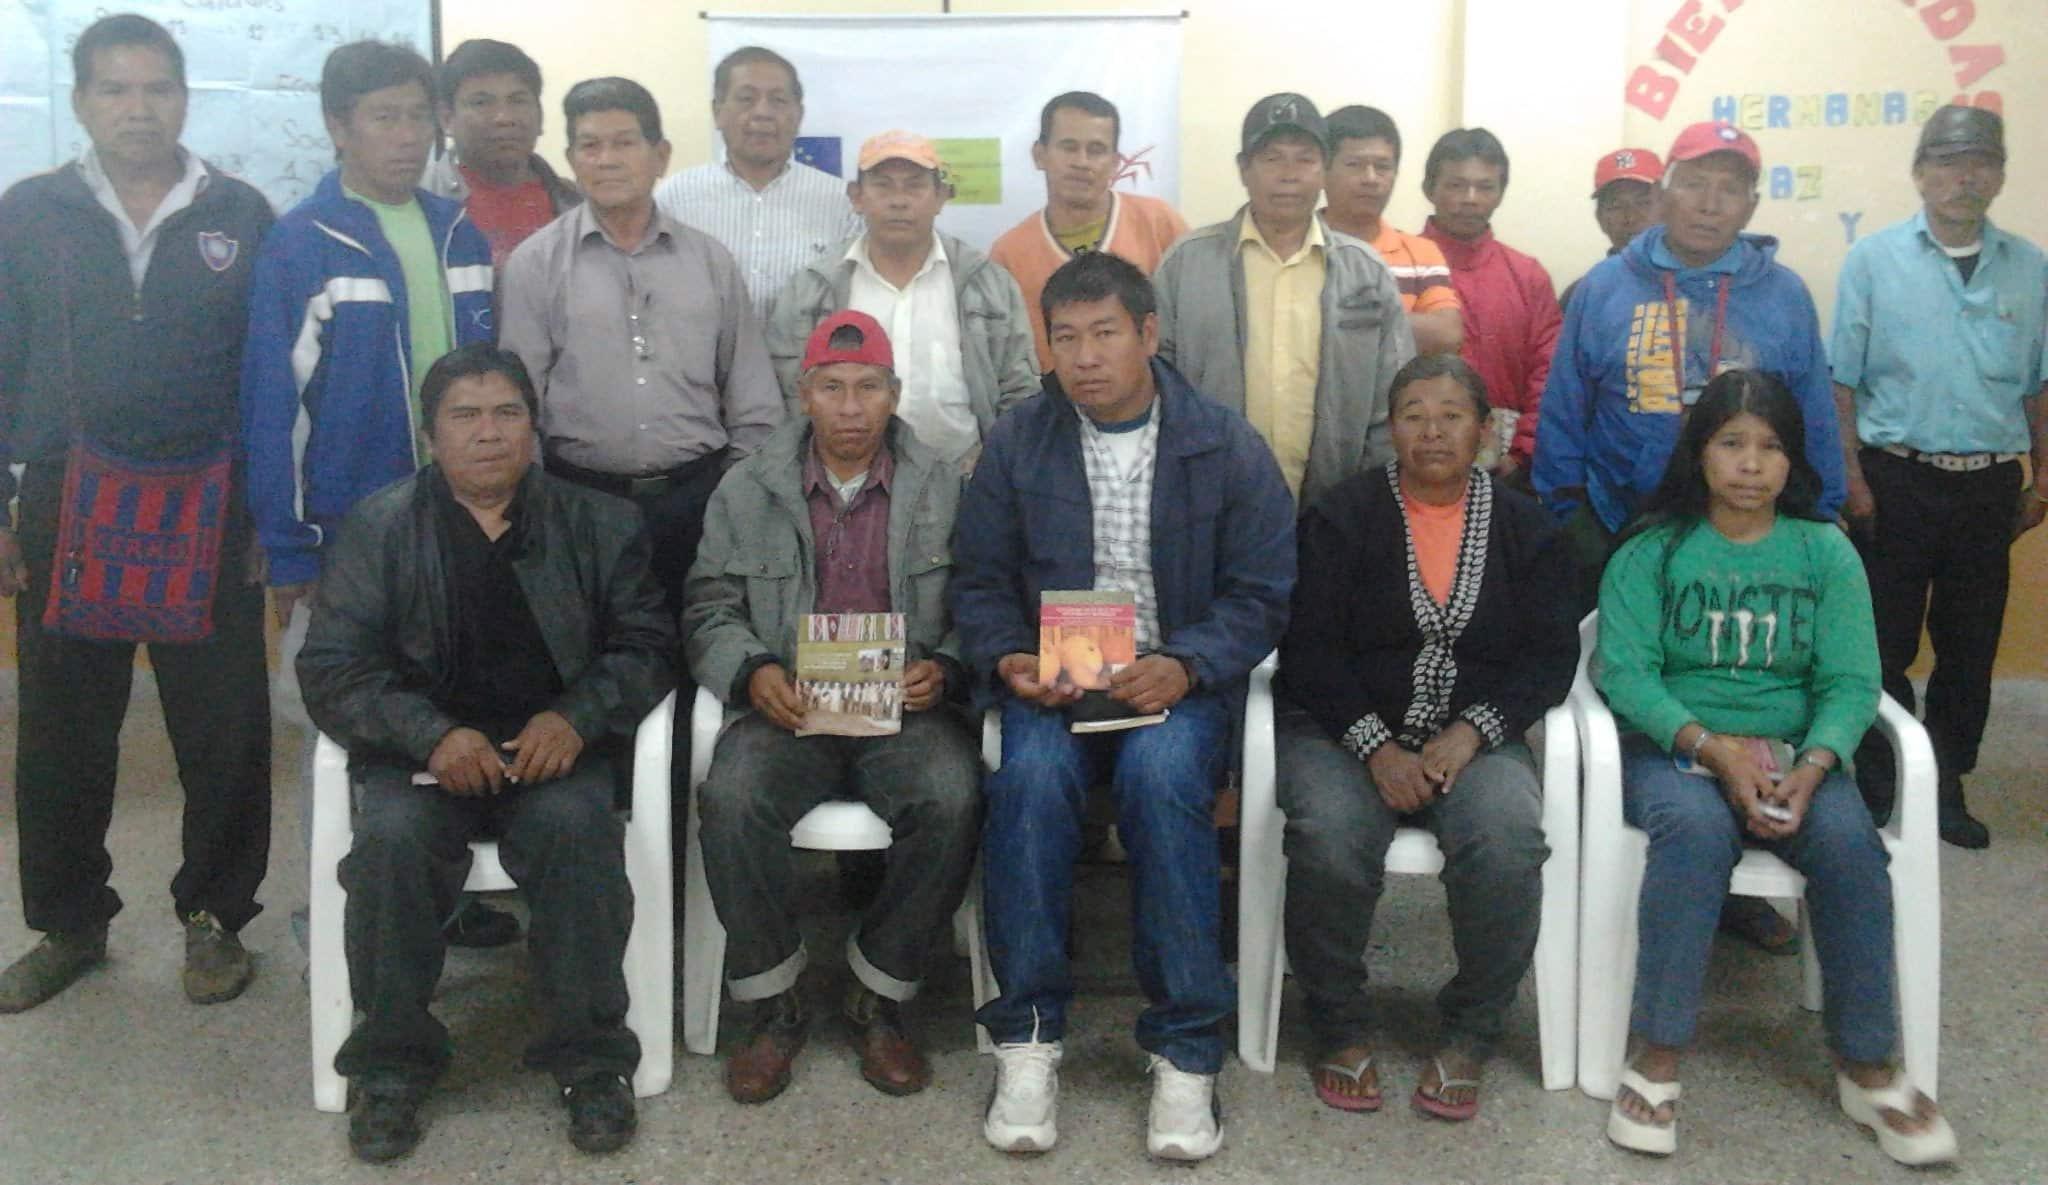 Miembros de la FAPI, en el cierre del taller de aplicación de la Declaración de la ONU sobre los Derechos de los Pueblos Indígenas.